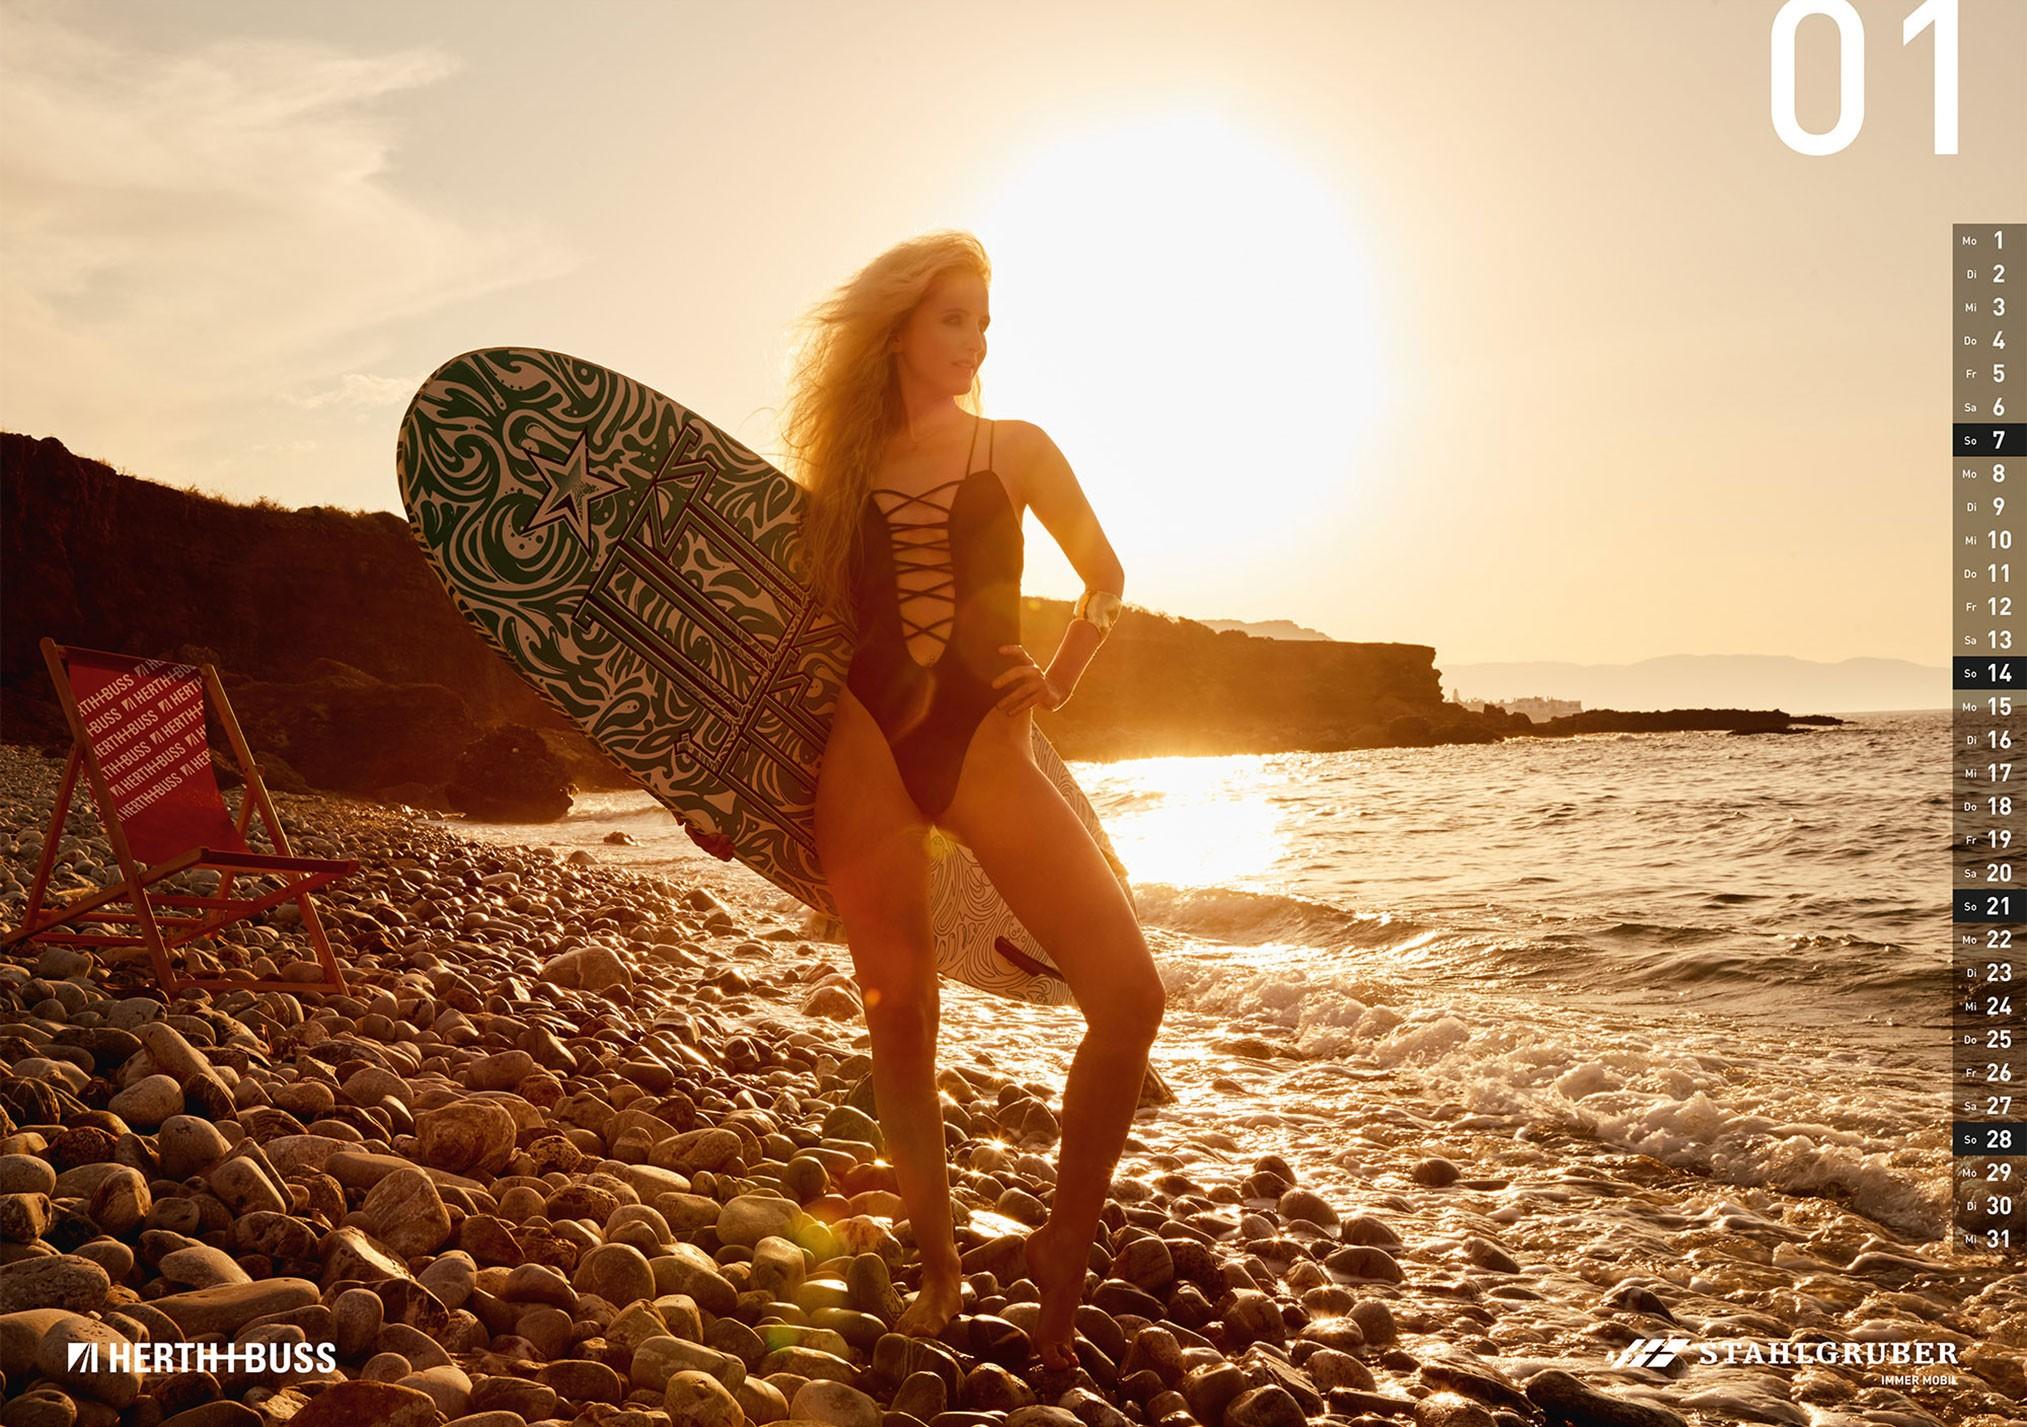 нудистские пляжи острова Крит в эротическом календаре WERKSTATTkultur 2018